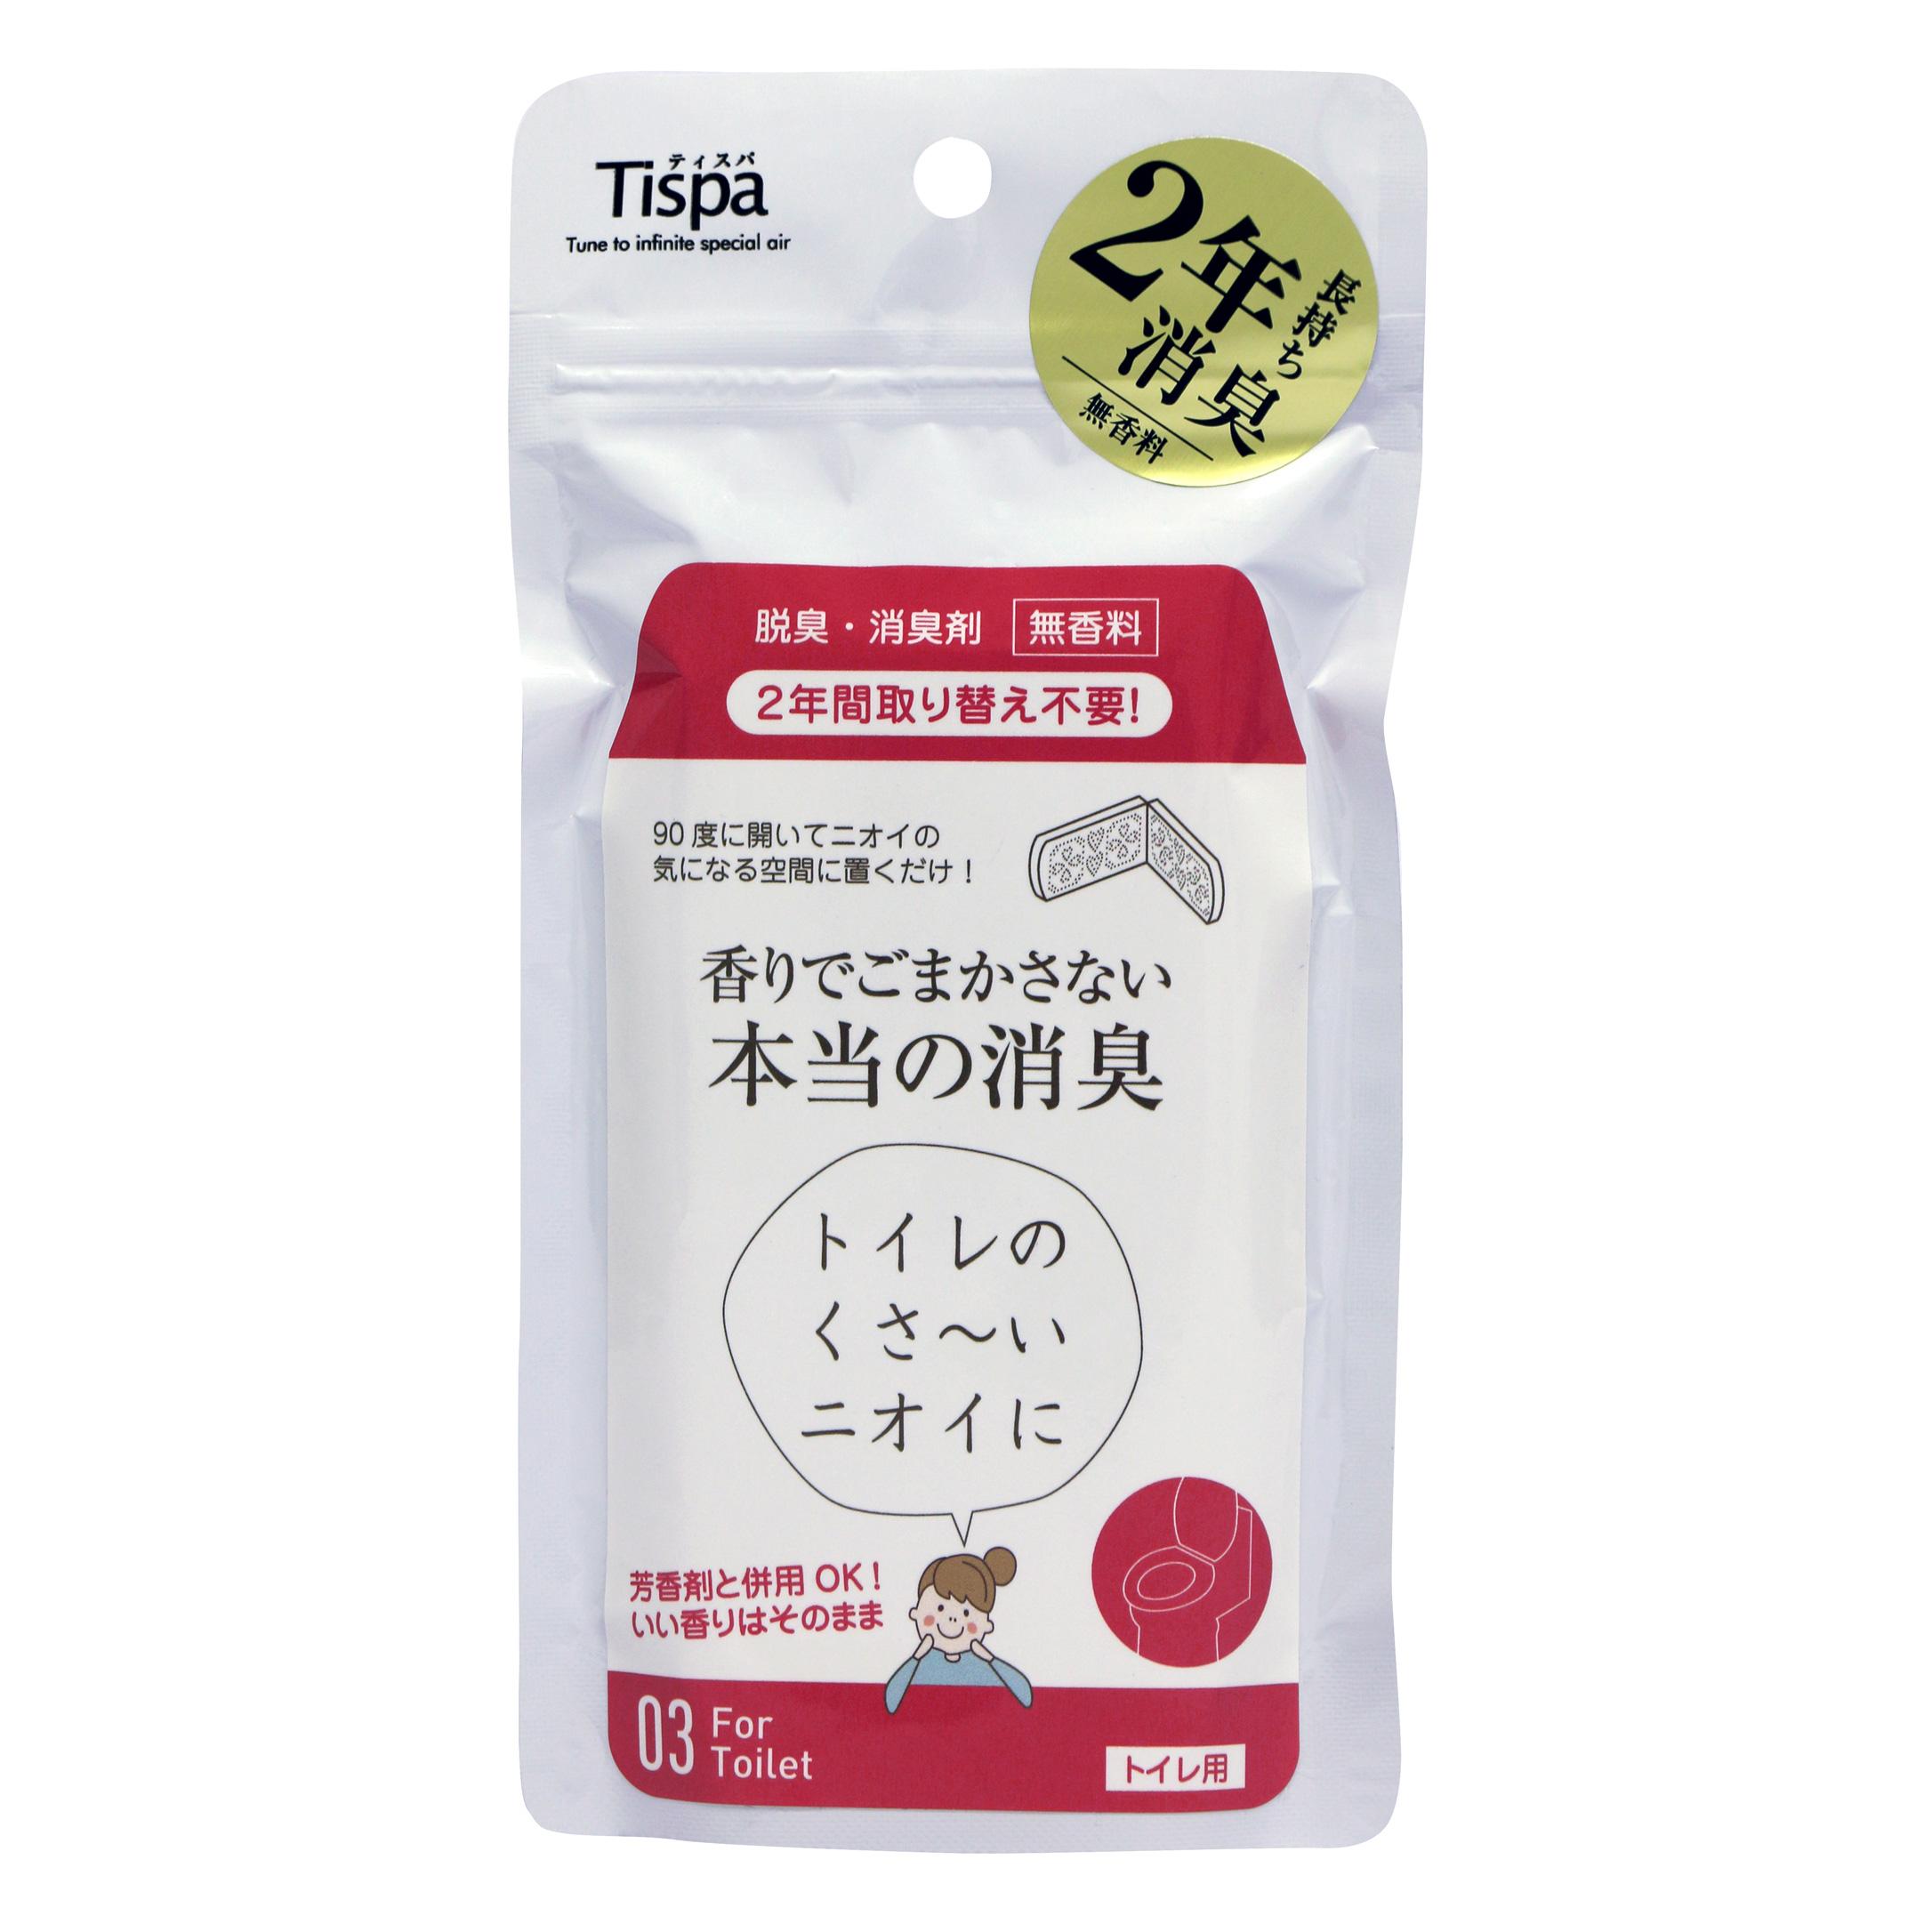 Tispa 香りでごまかさない本当の消臭 トイレ用